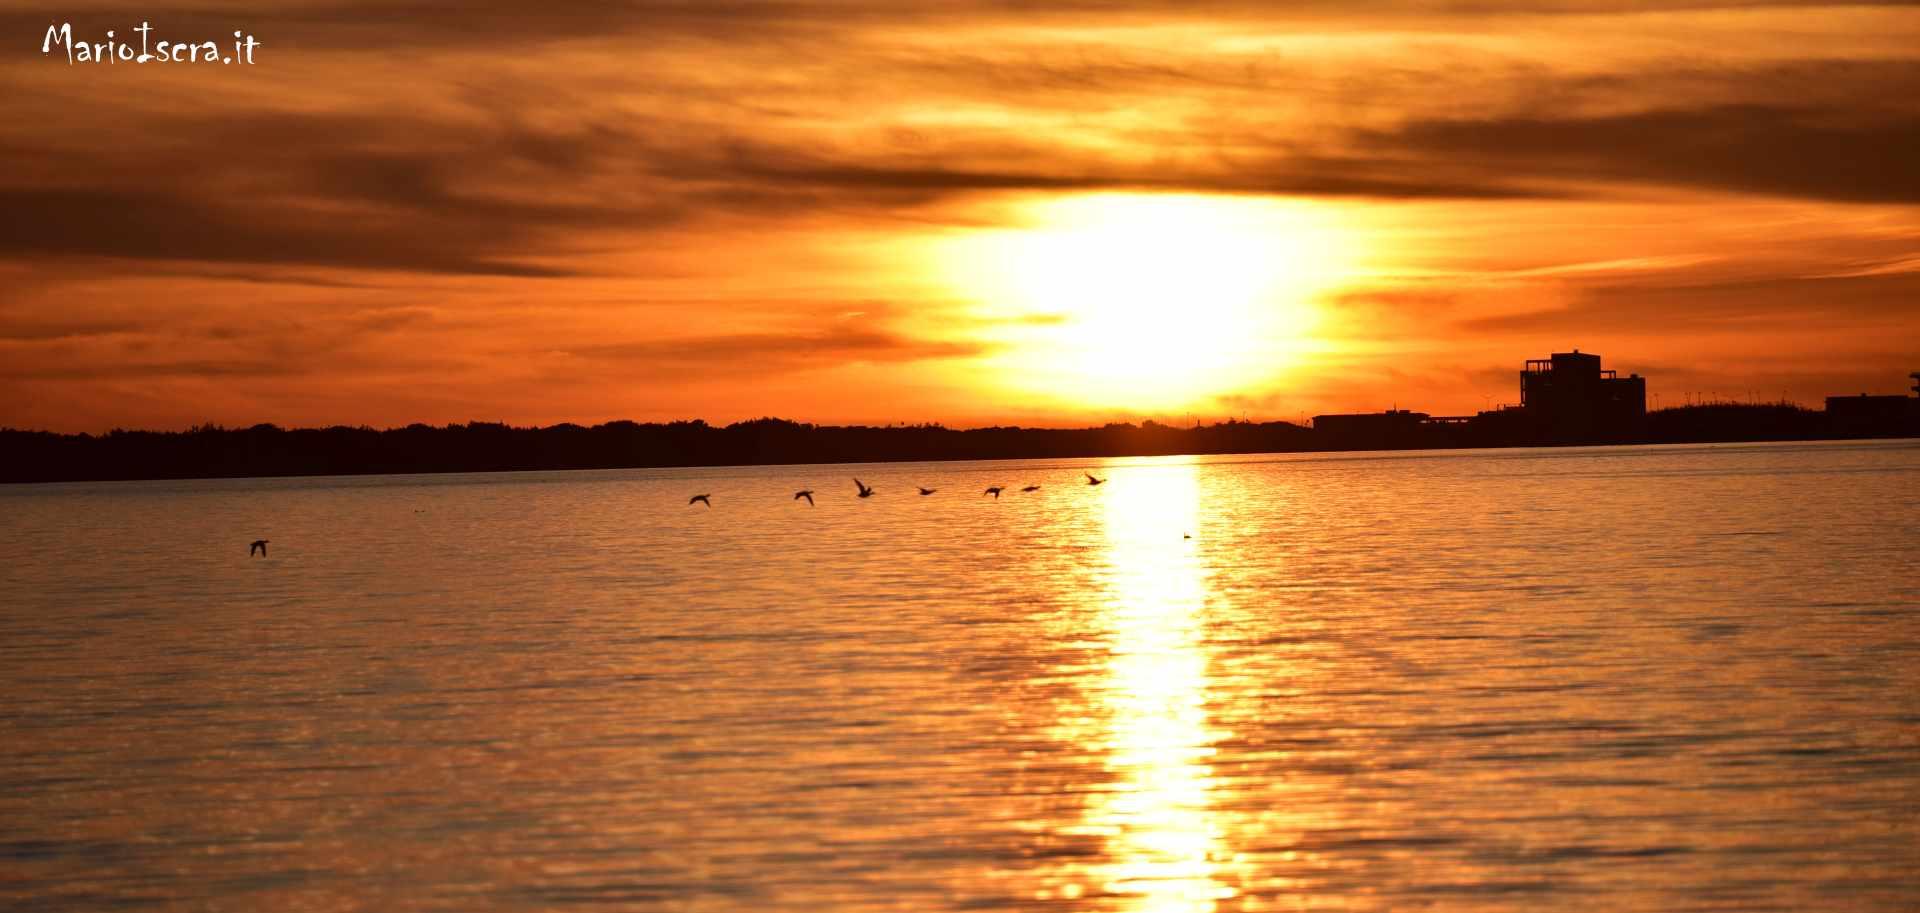 lago di fogliano uccelli in volo